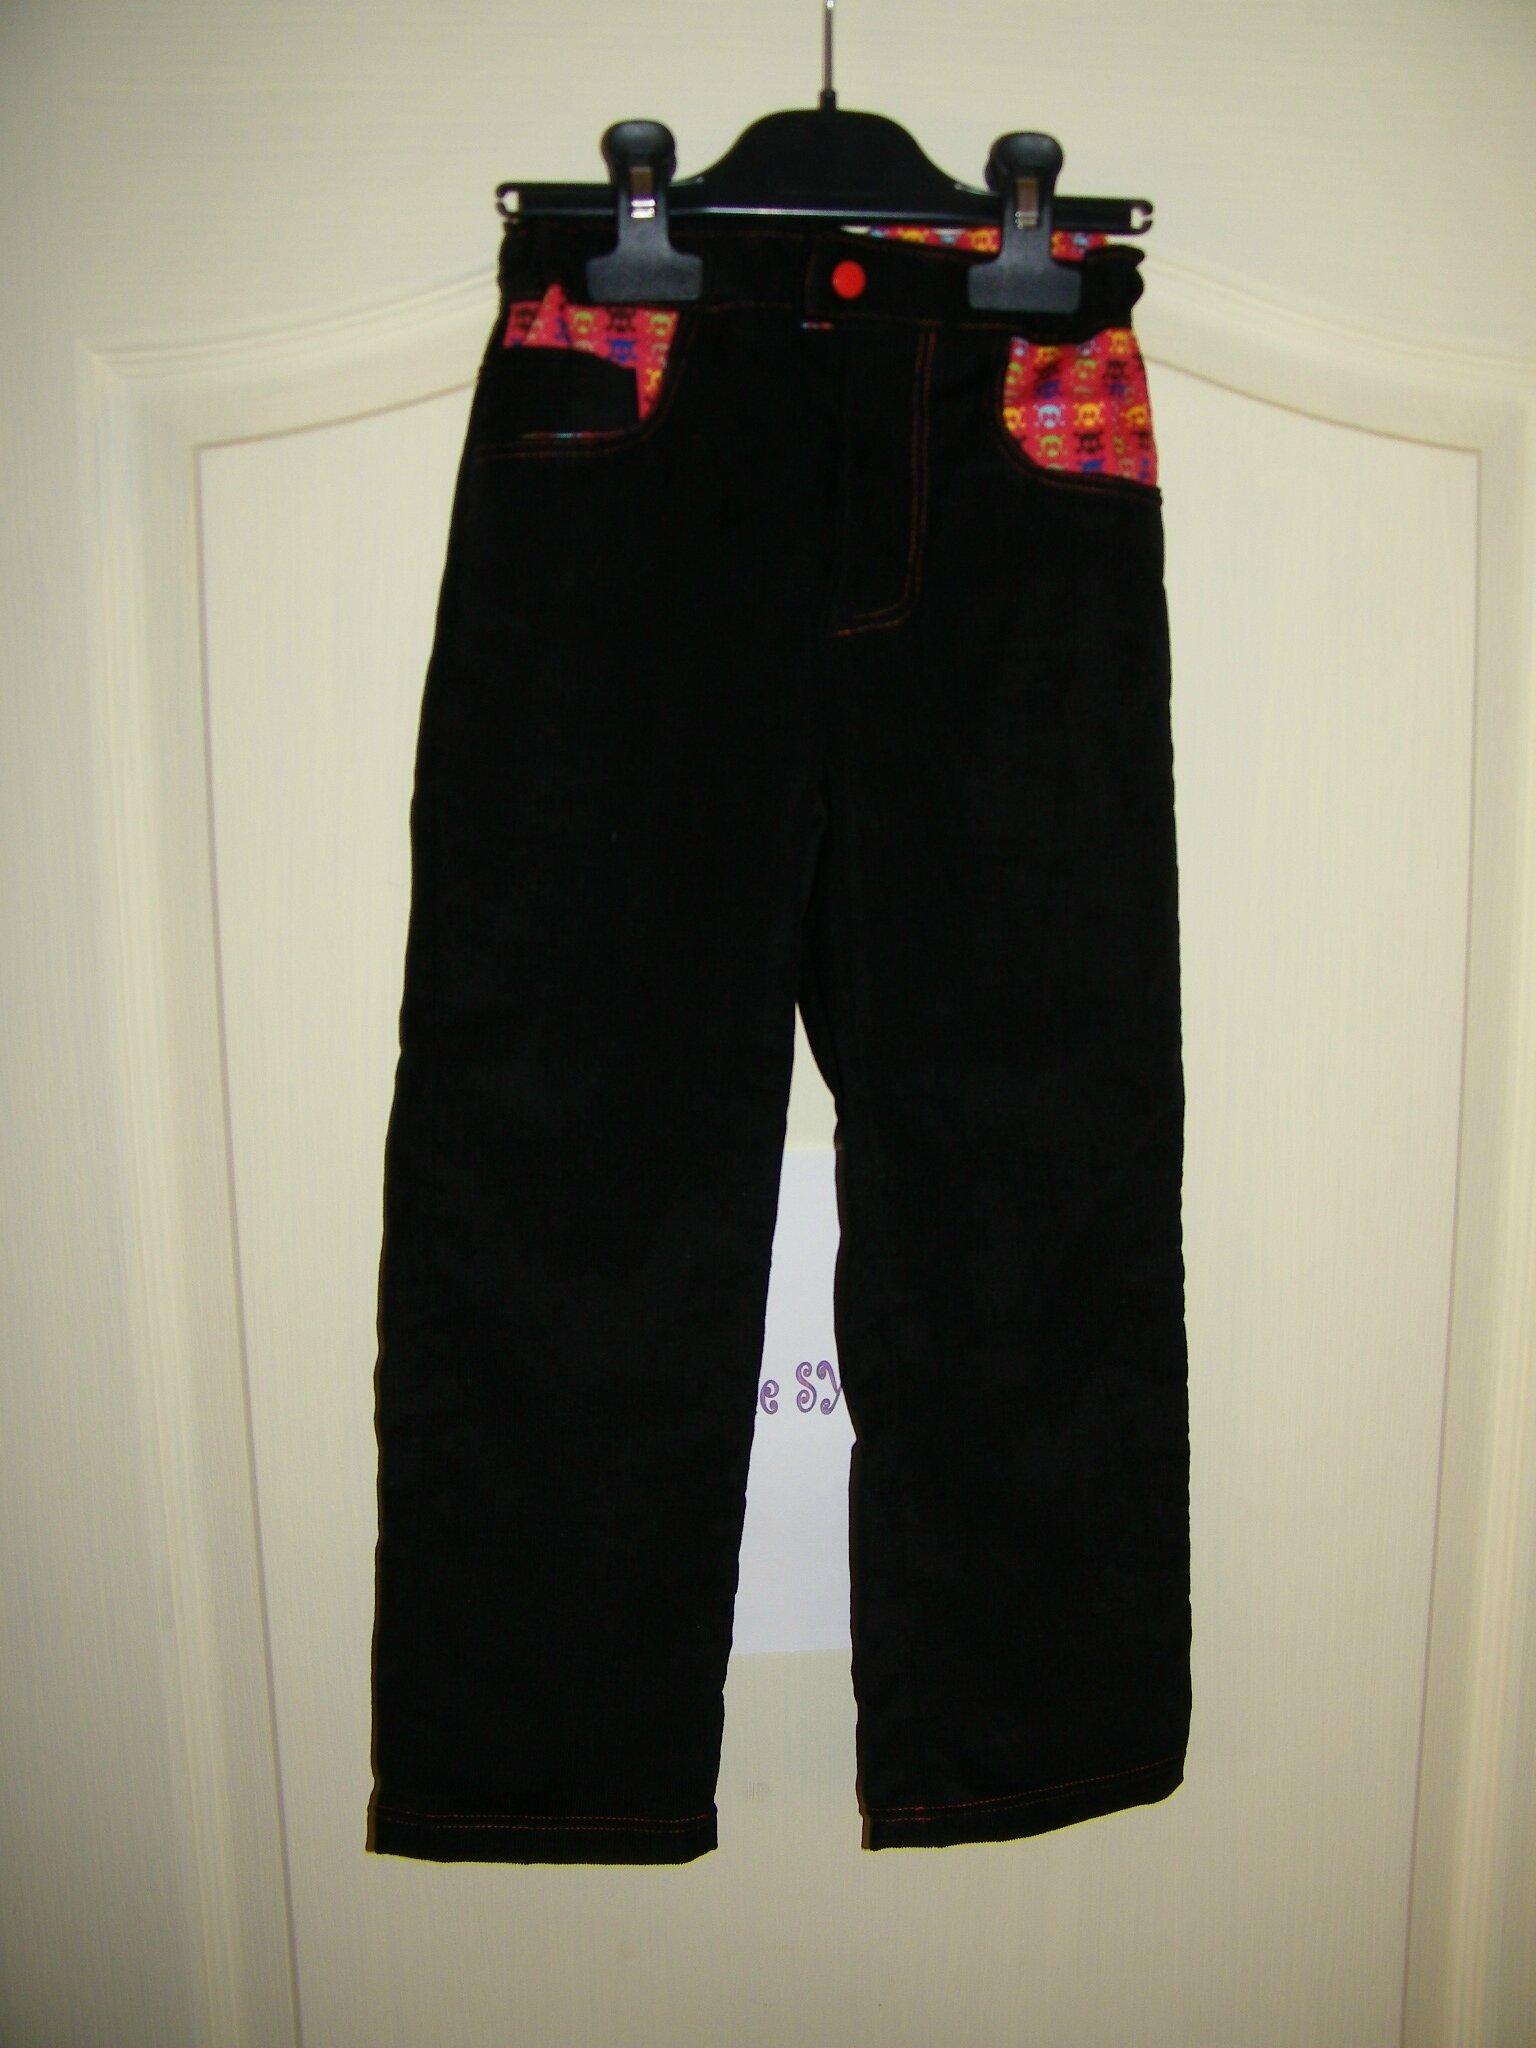 Pantalon de mon Loulou, ça, c'est fait!!^^